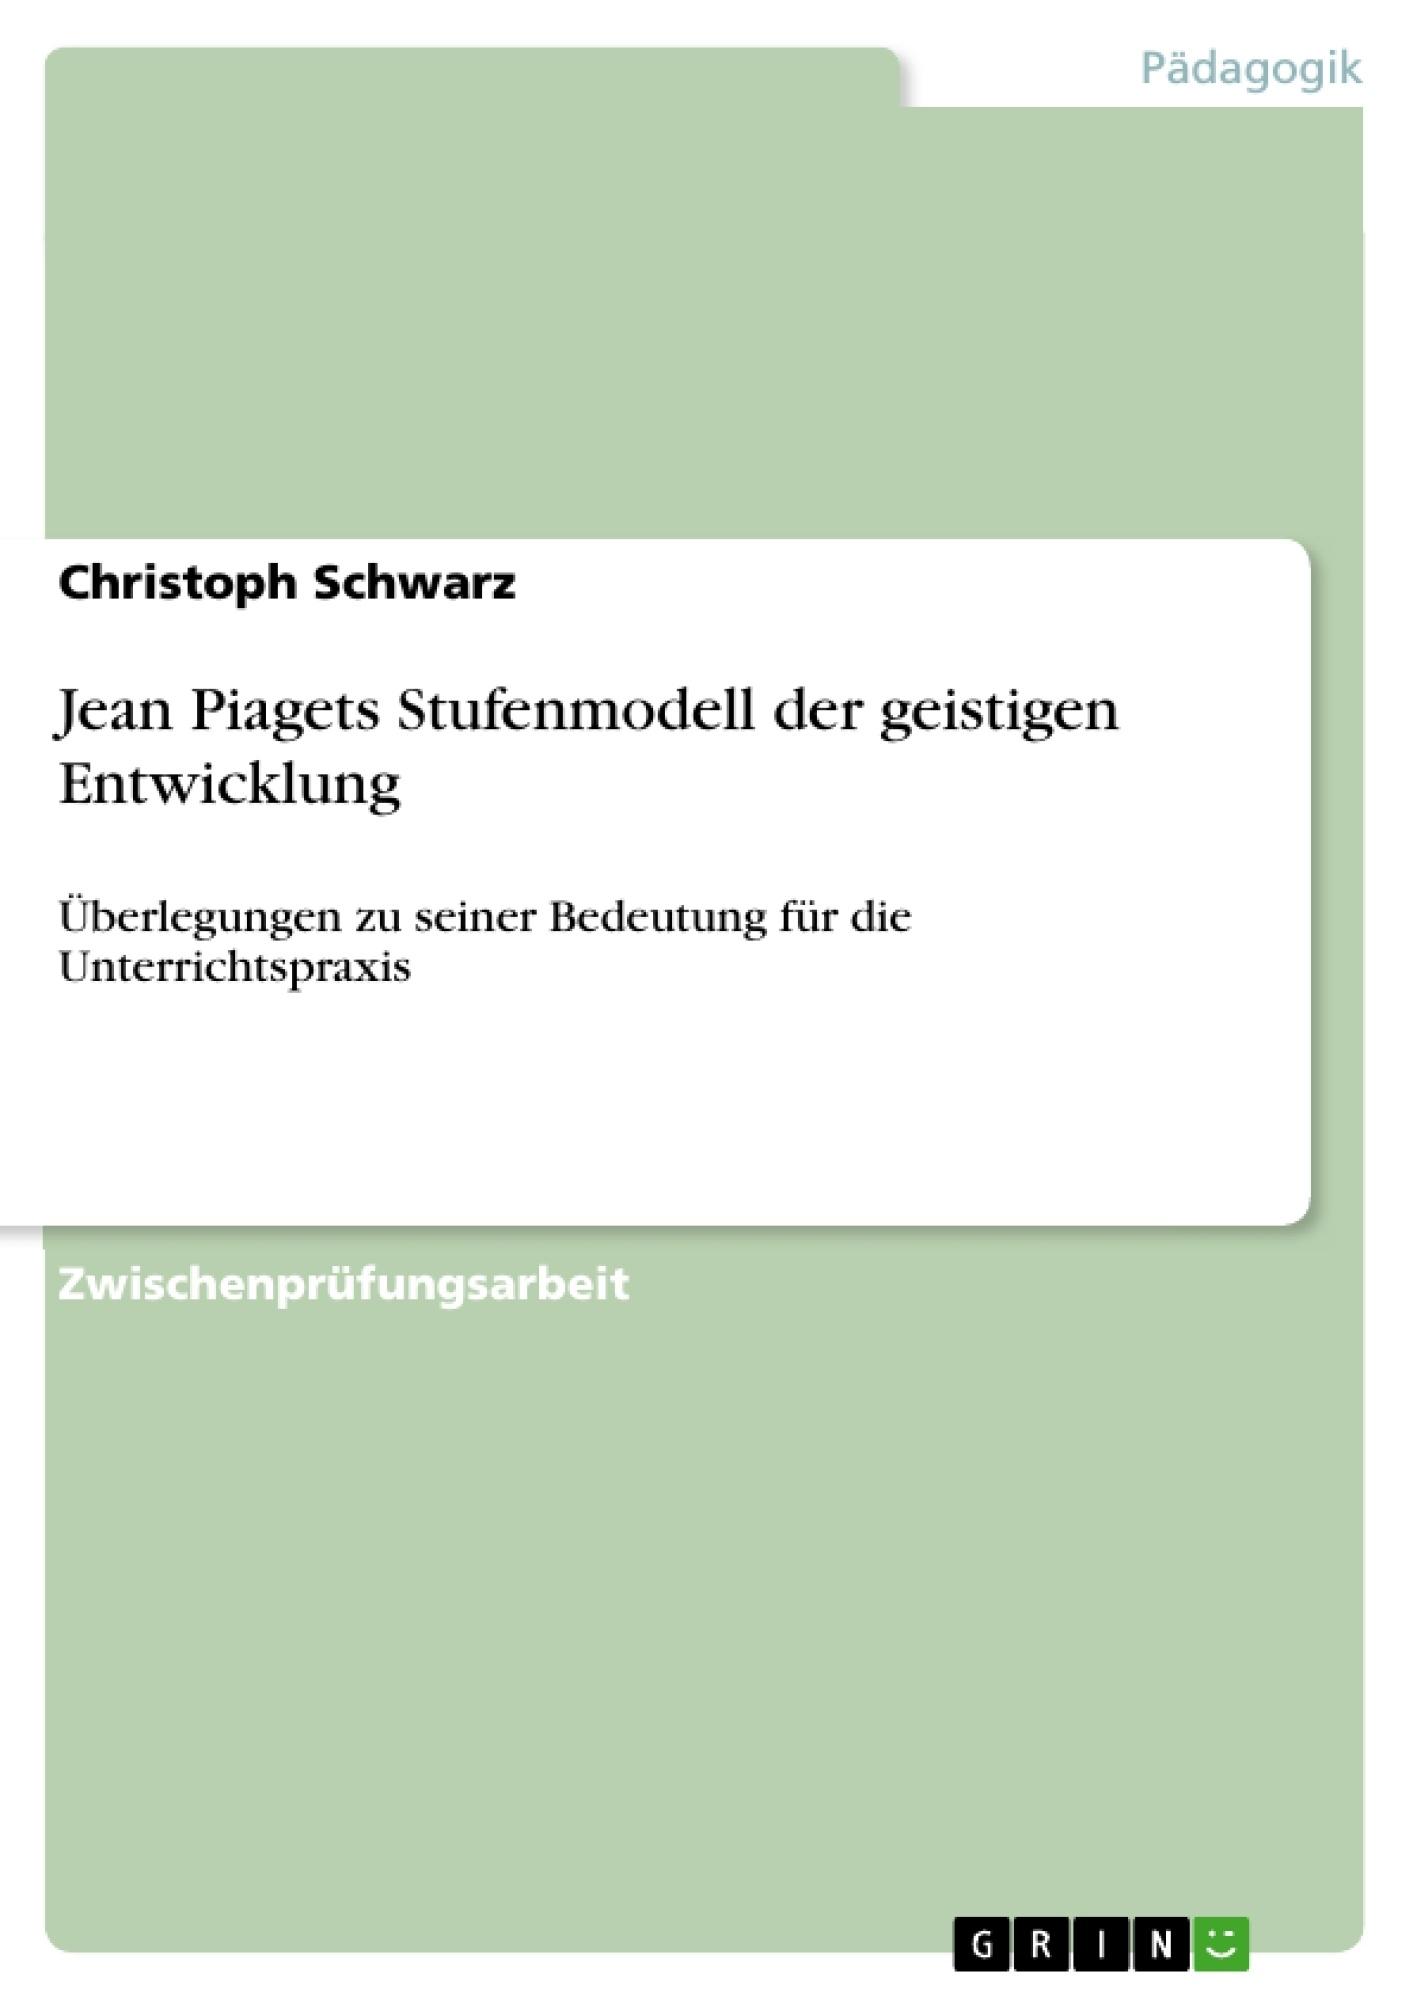 Titel: Jean Piagets Stufenmodell der geistigen Entwicklung